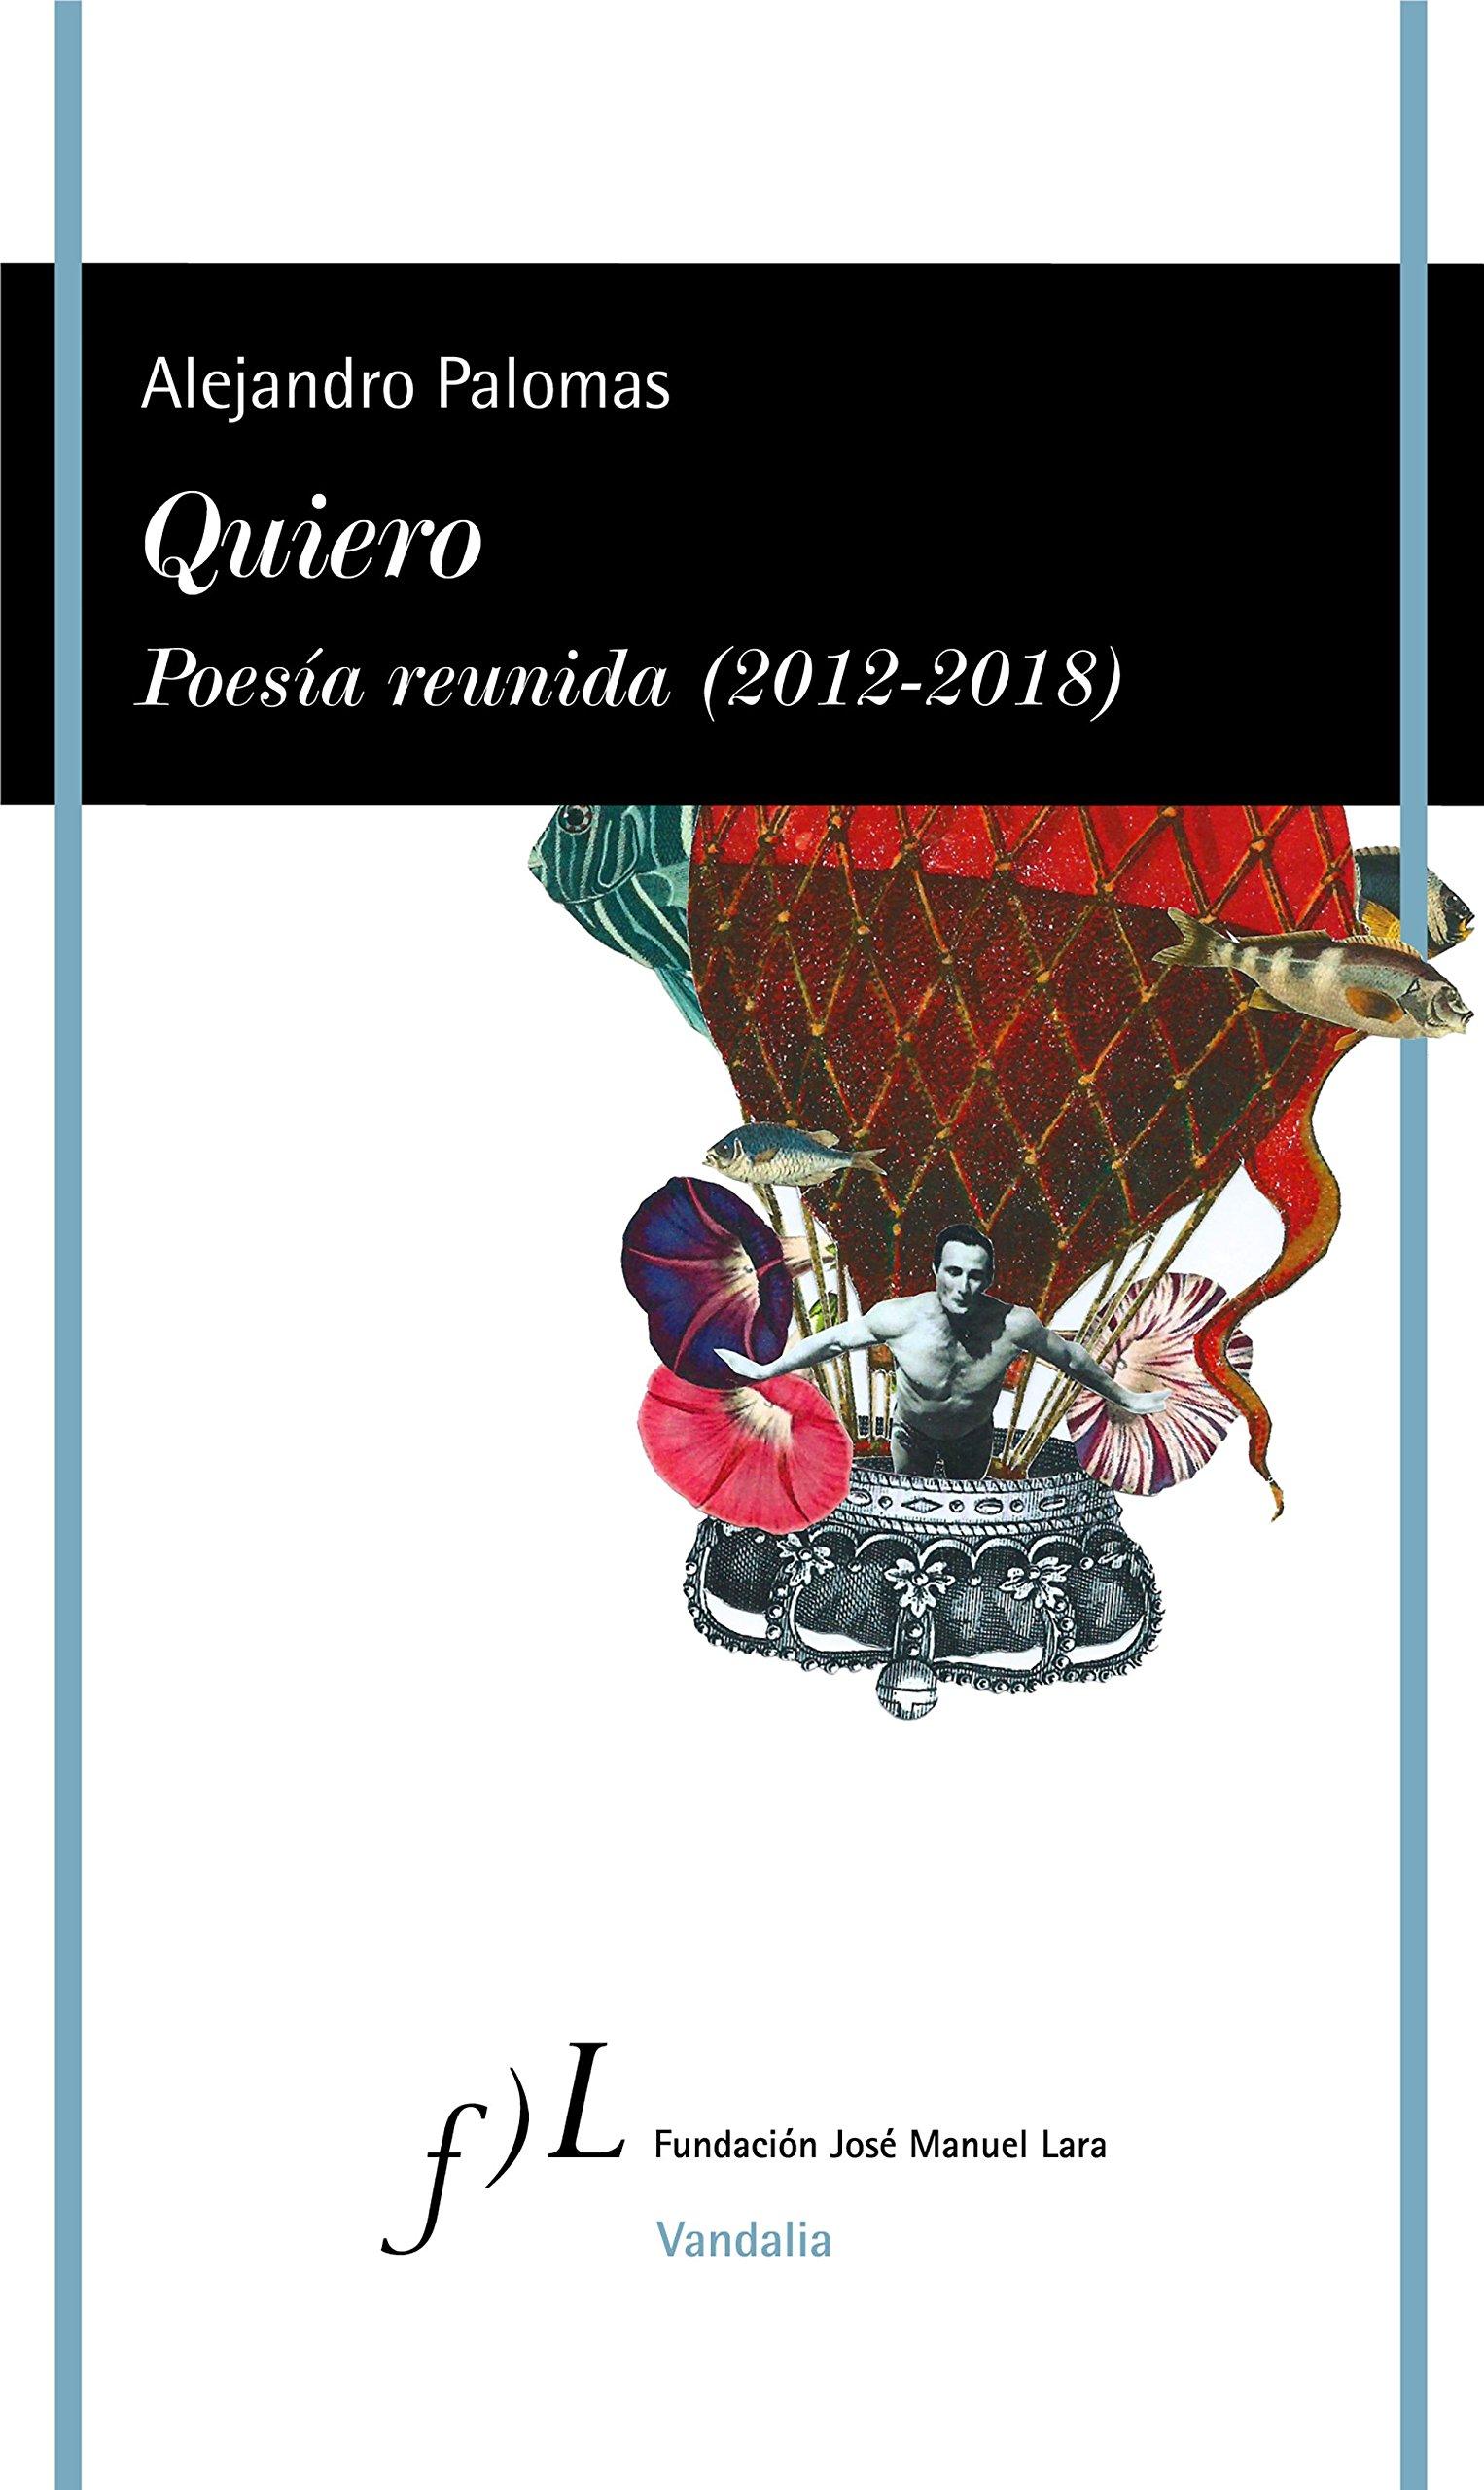 Poesía reunida (2012-2018) (VANDALIA): Amazon.es: Alejandro Palomas: Libros